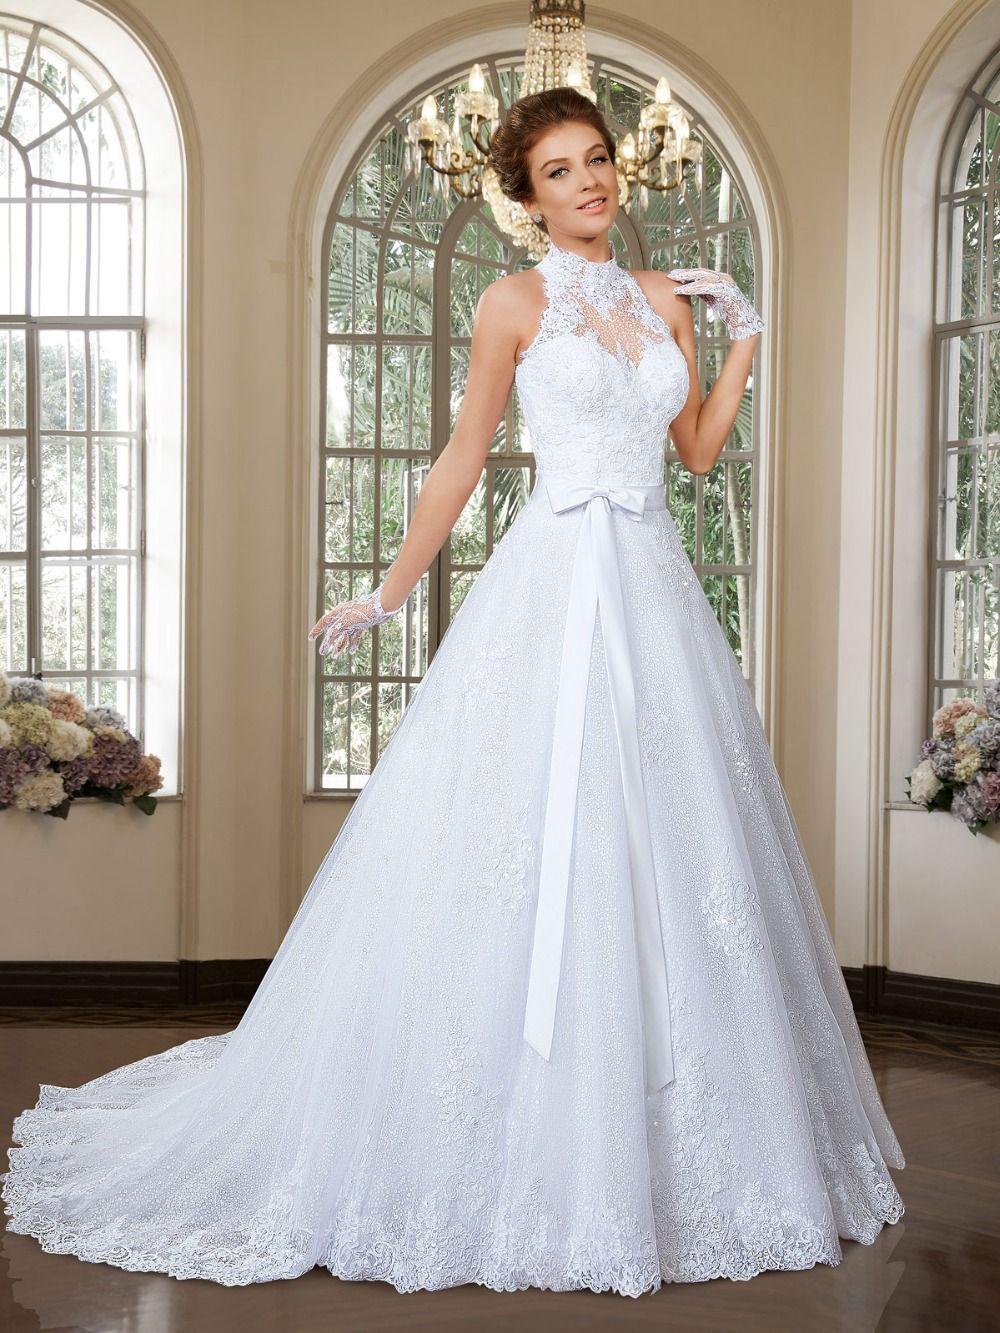 b660f54278 Vintage gola alta vestidos de casamento destacável com laço e renda...amei   D